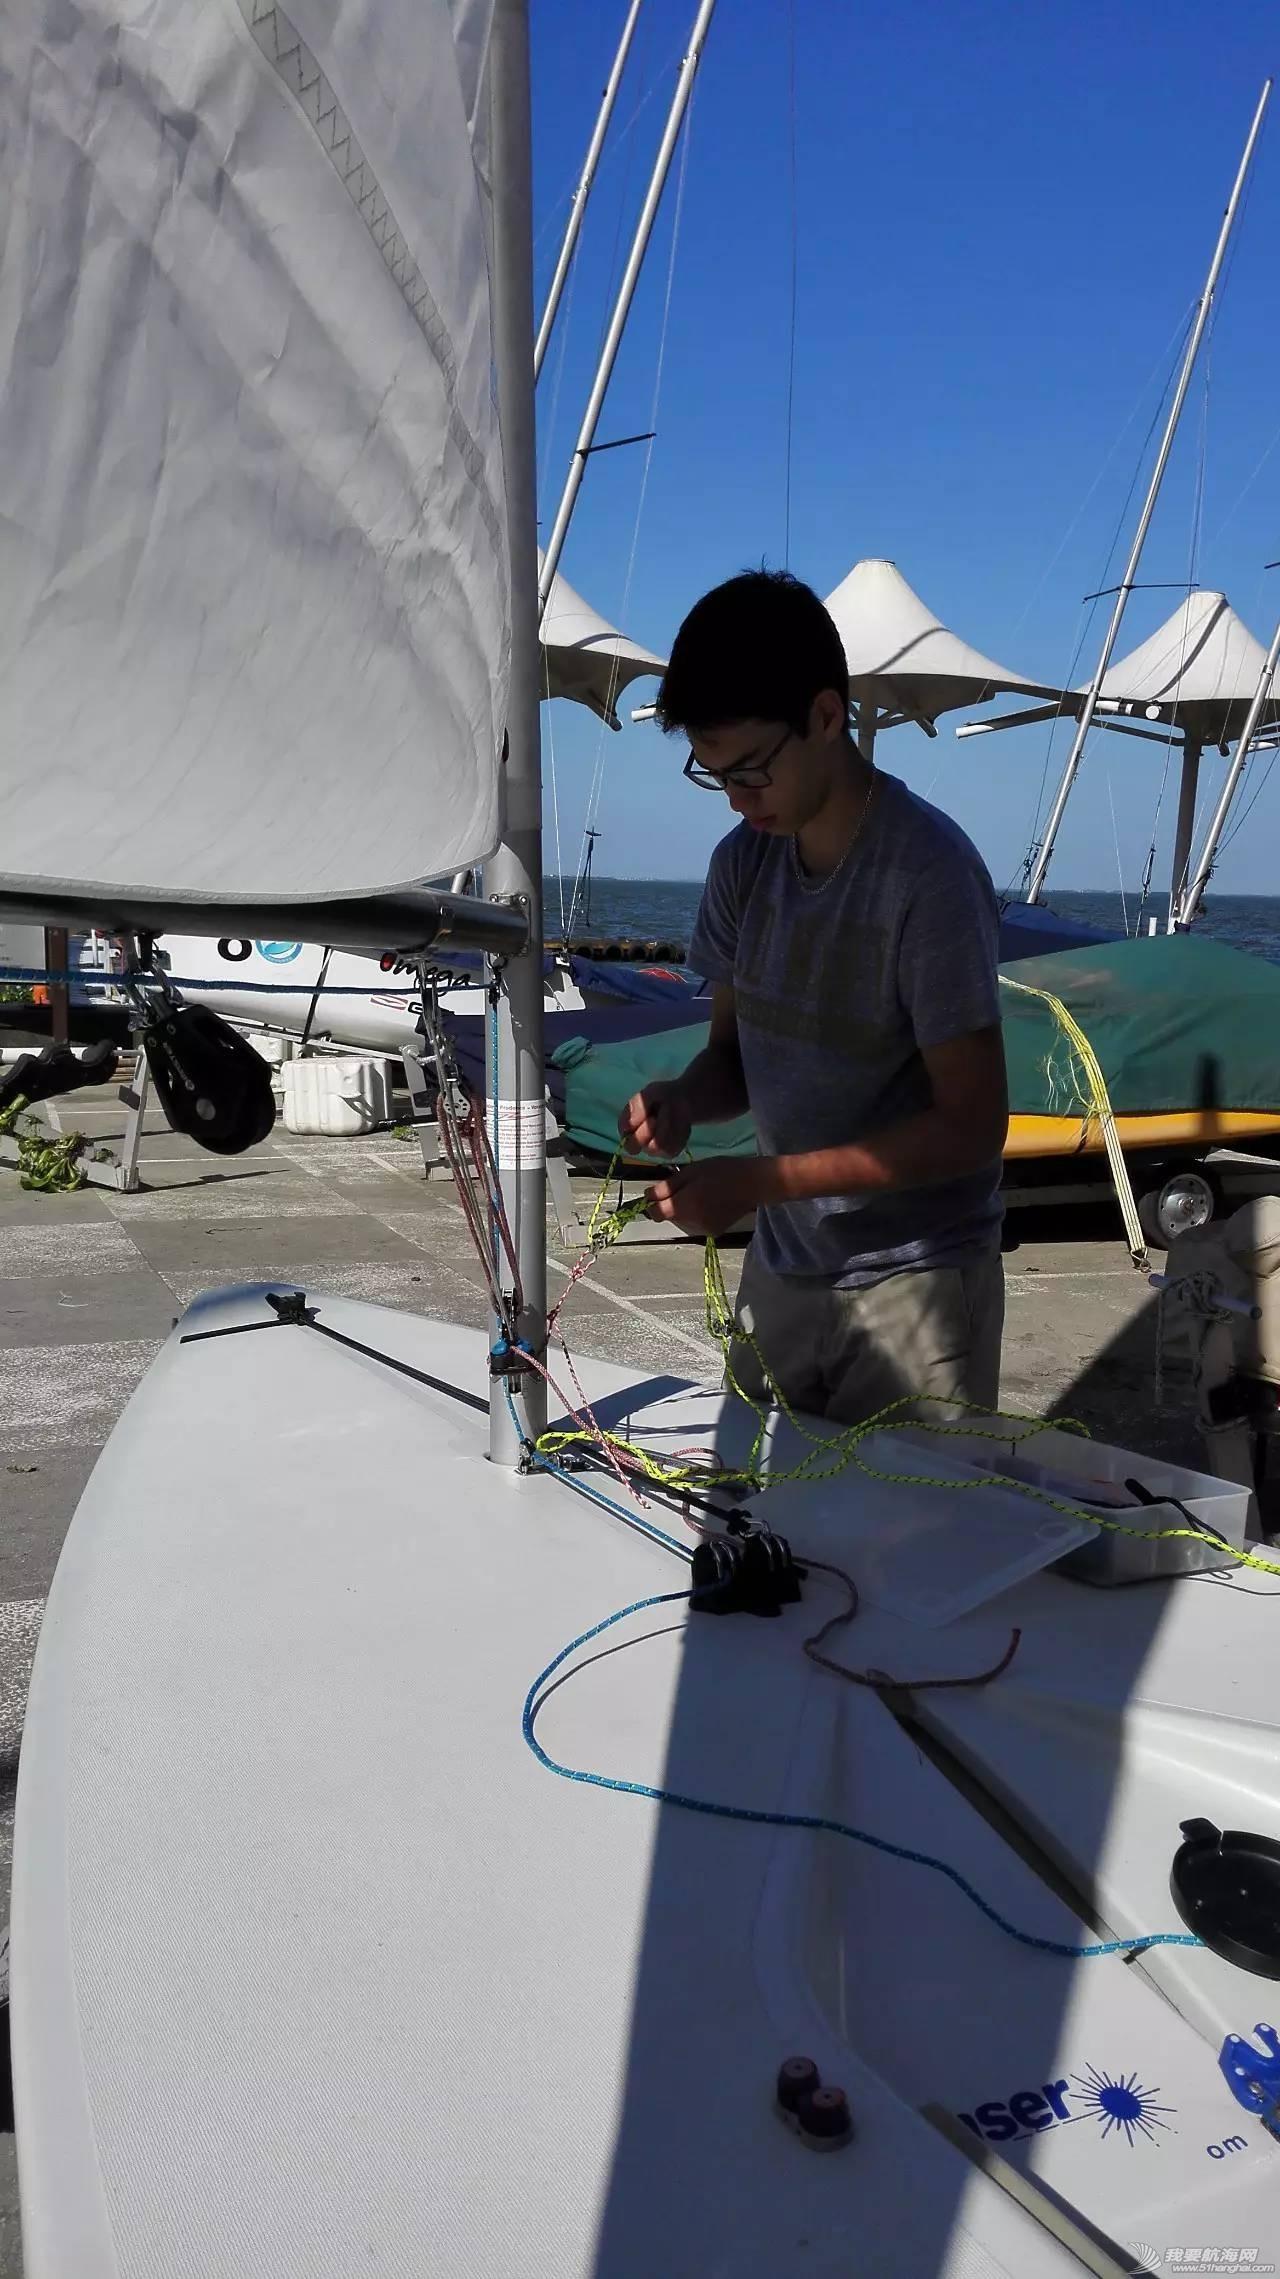 收藏丨2016年上海美帆帆船赛赛历全览 3a6f1cb26f37639b24c23a2f9cbe3758.jpg